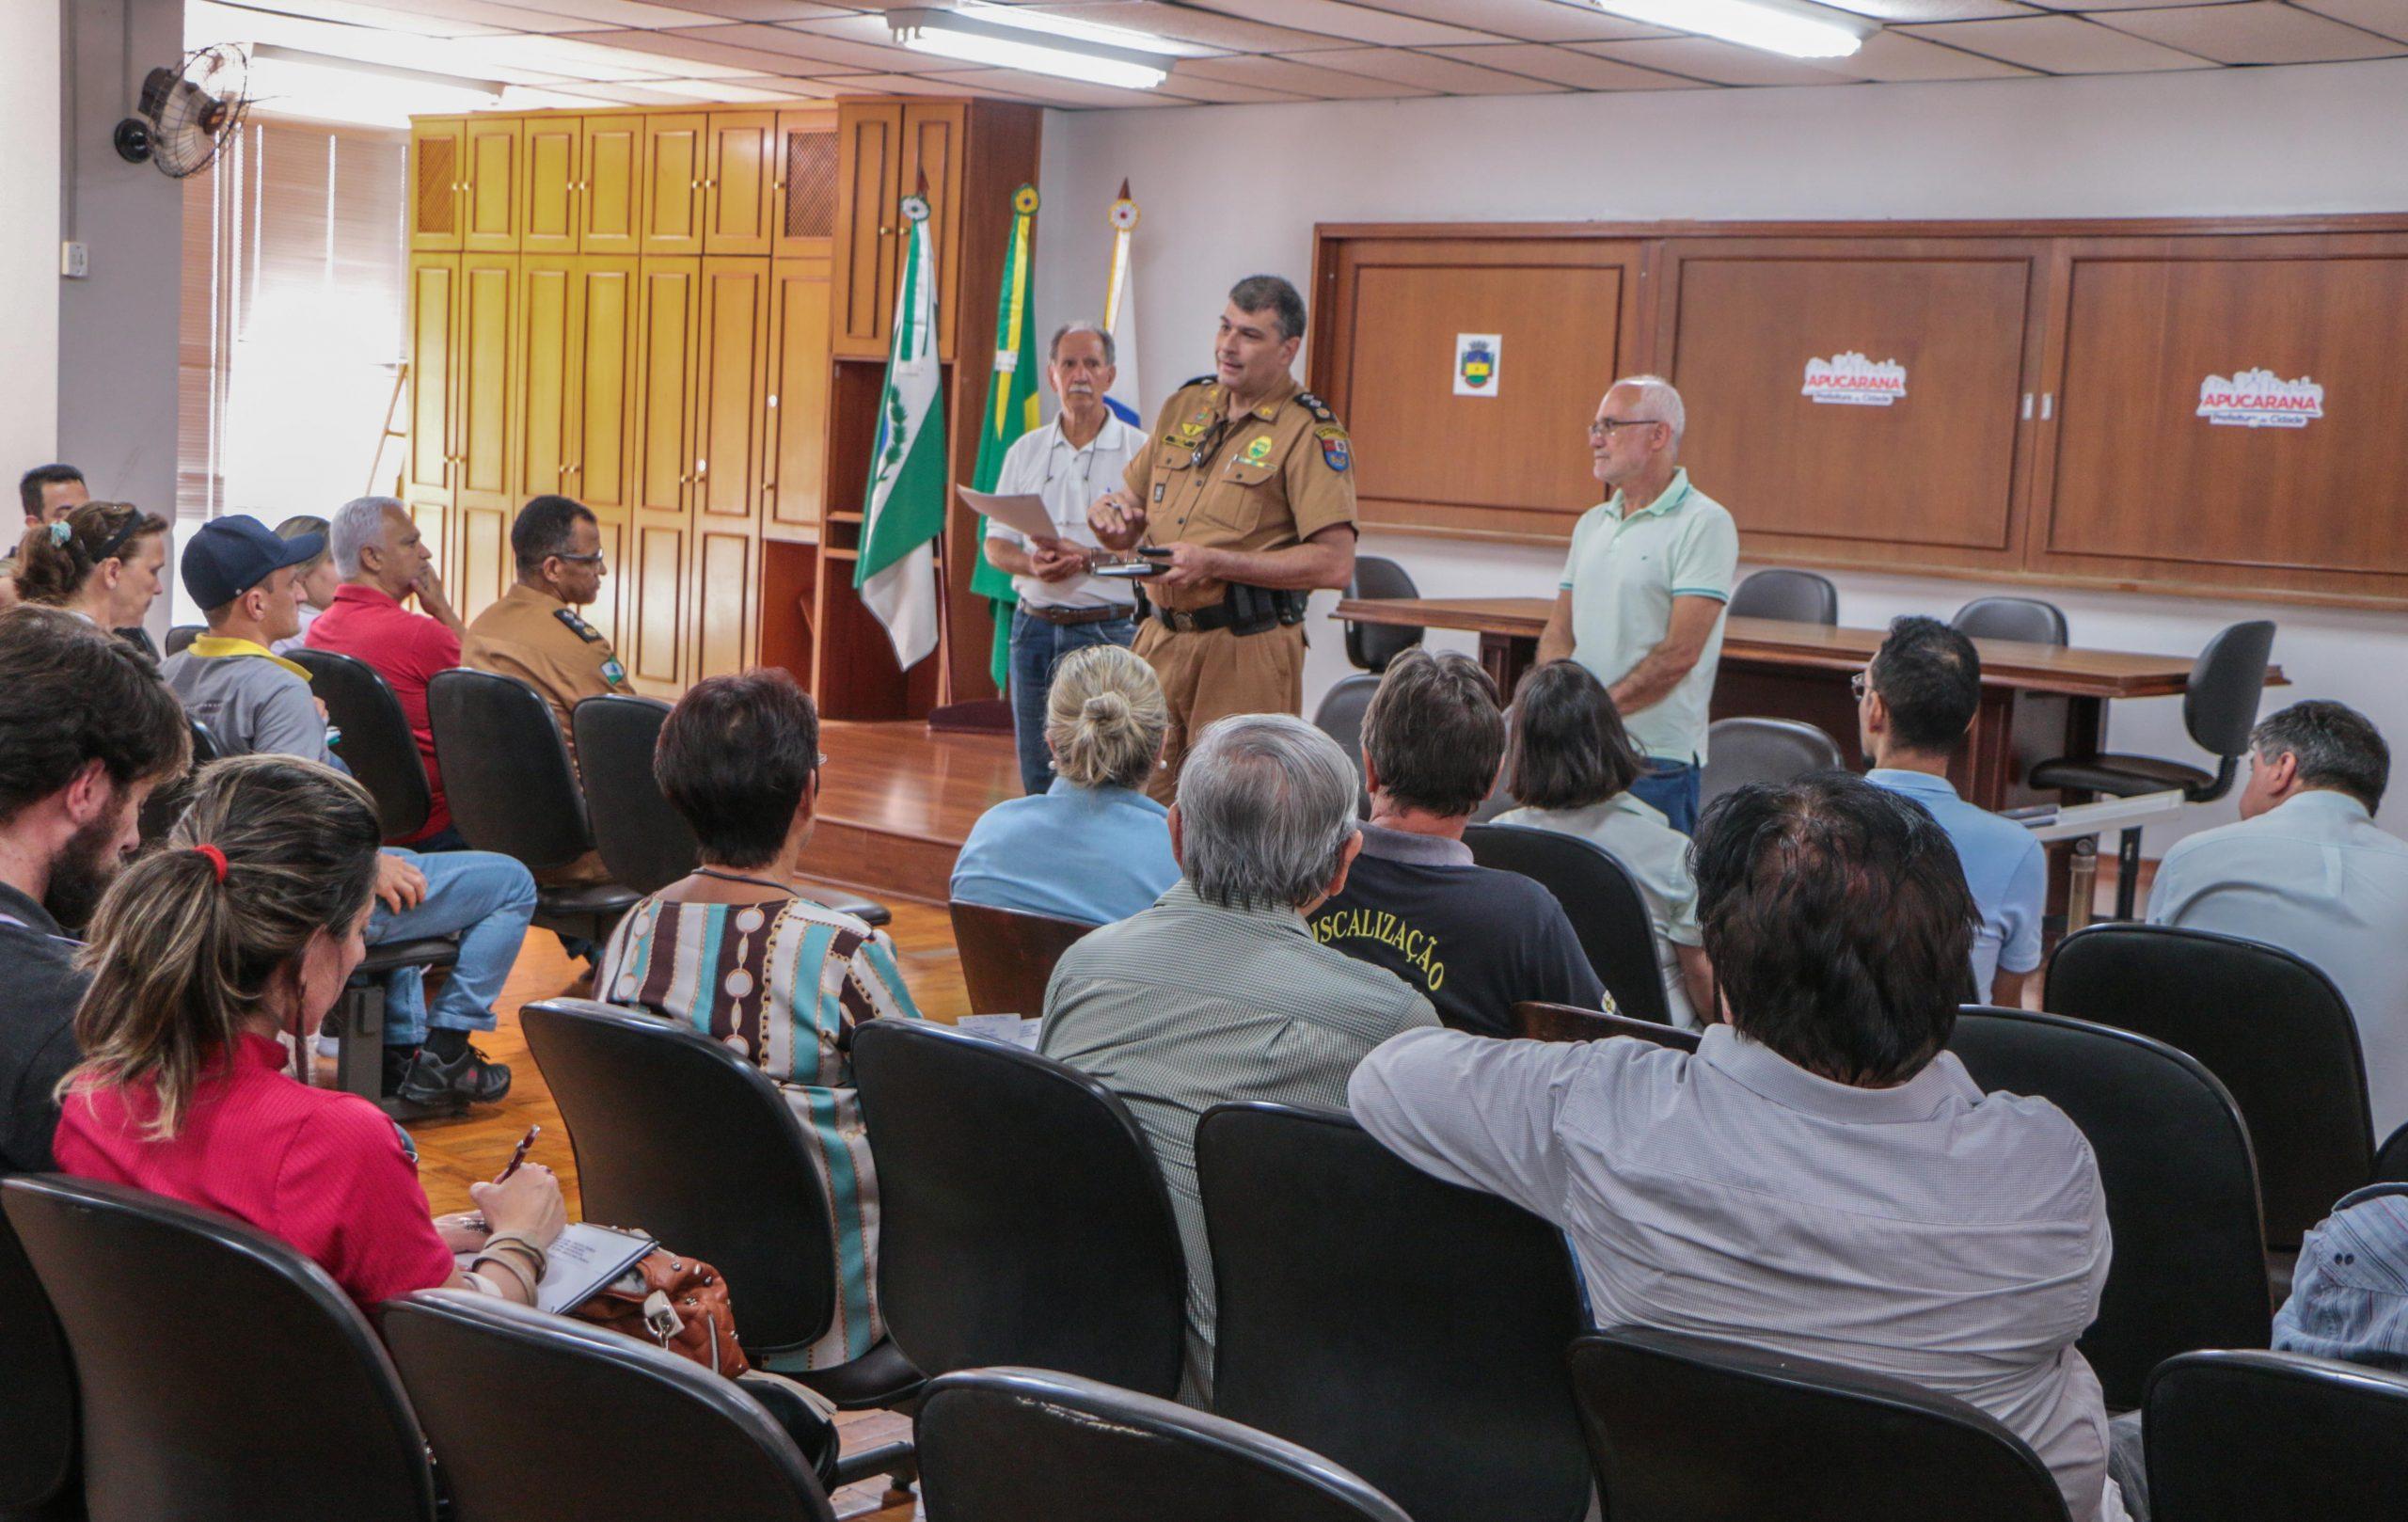 Realizada a pedido do prefeito Júnior da Femac, a reunião objetivou repassar dicas de segurança e detalhes da extensa programação